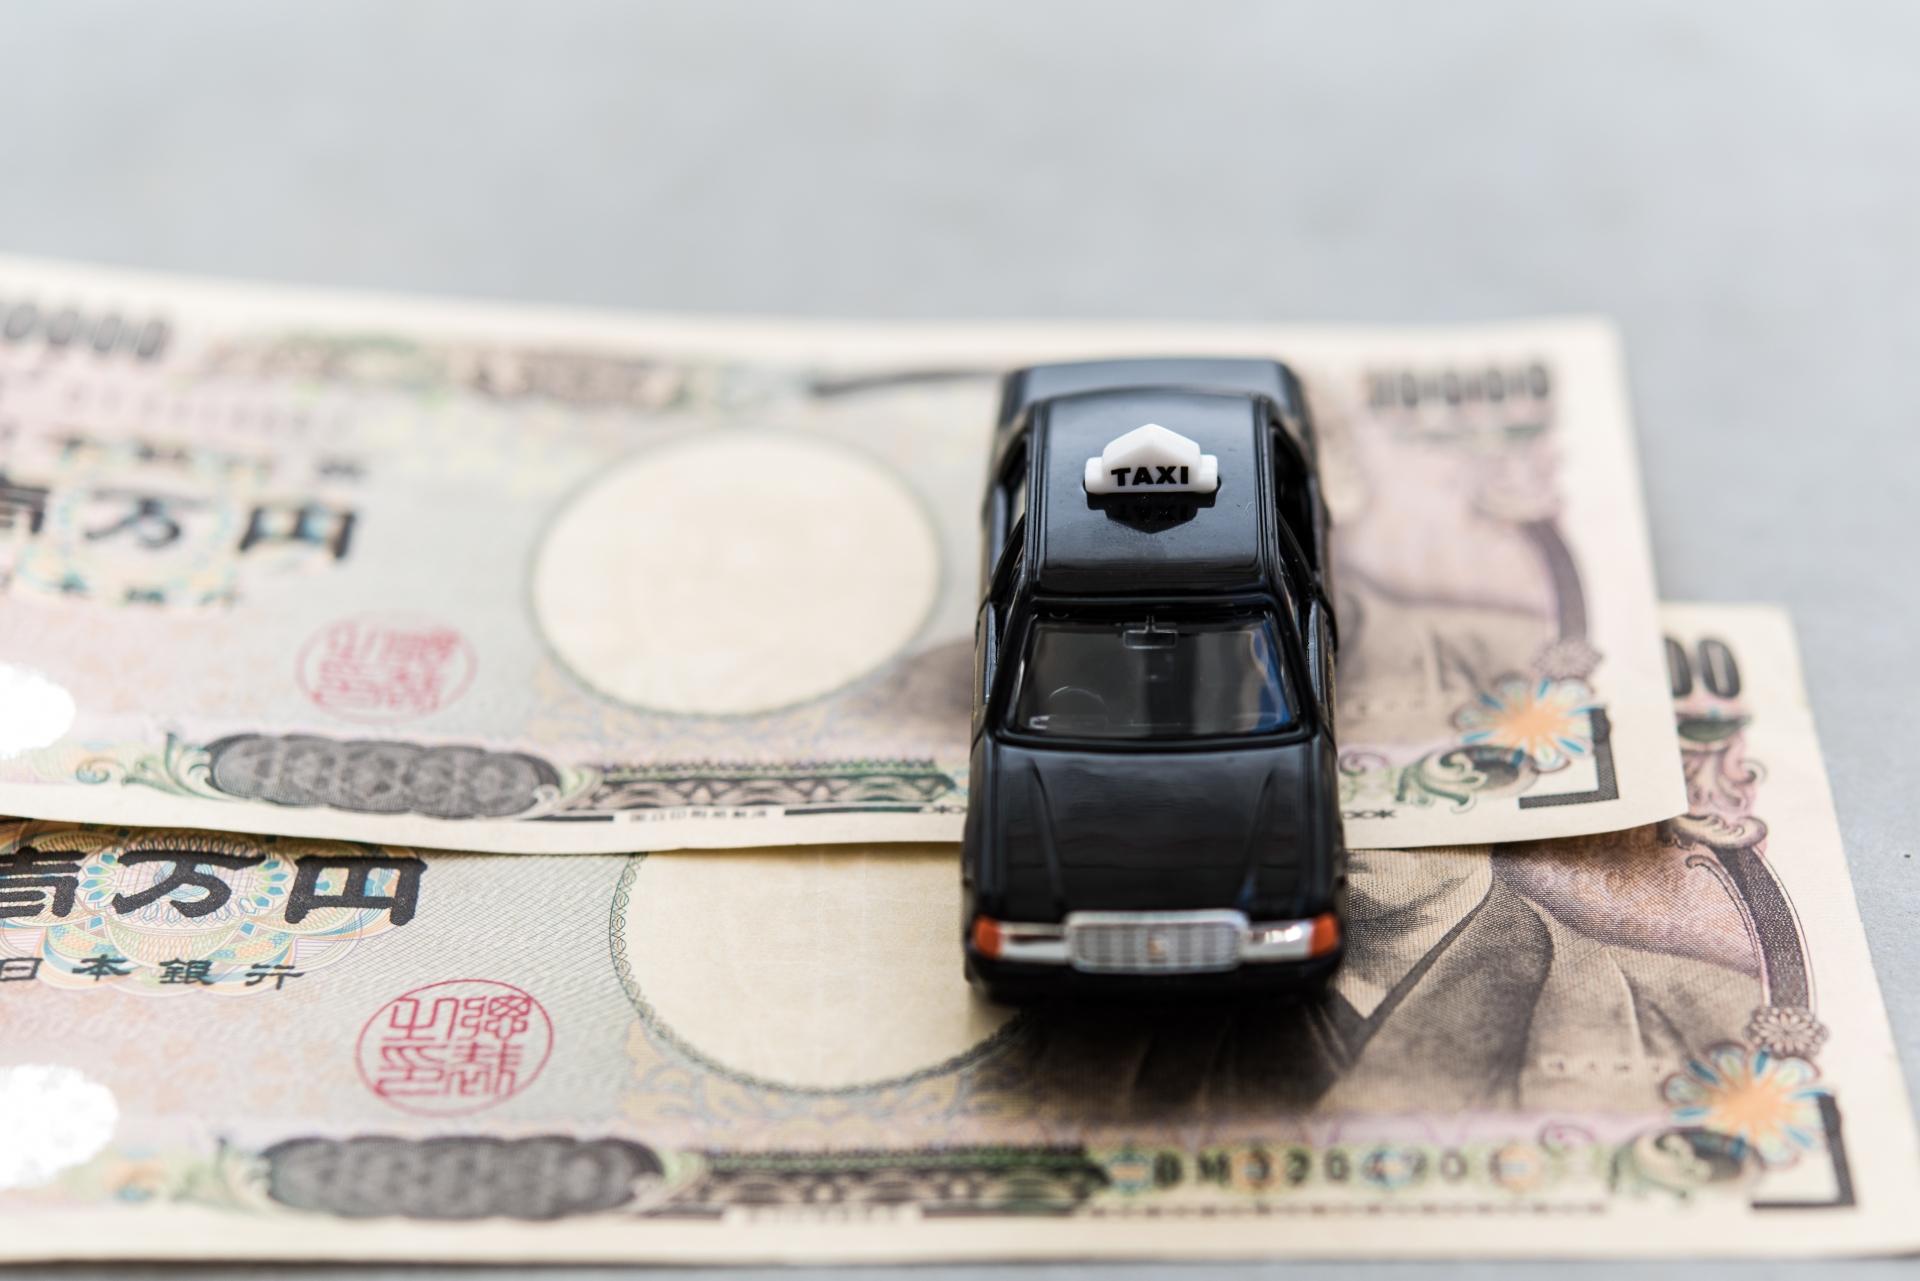 初乗り運賃410円!?タクシー運転手の収入にどんな影響が?